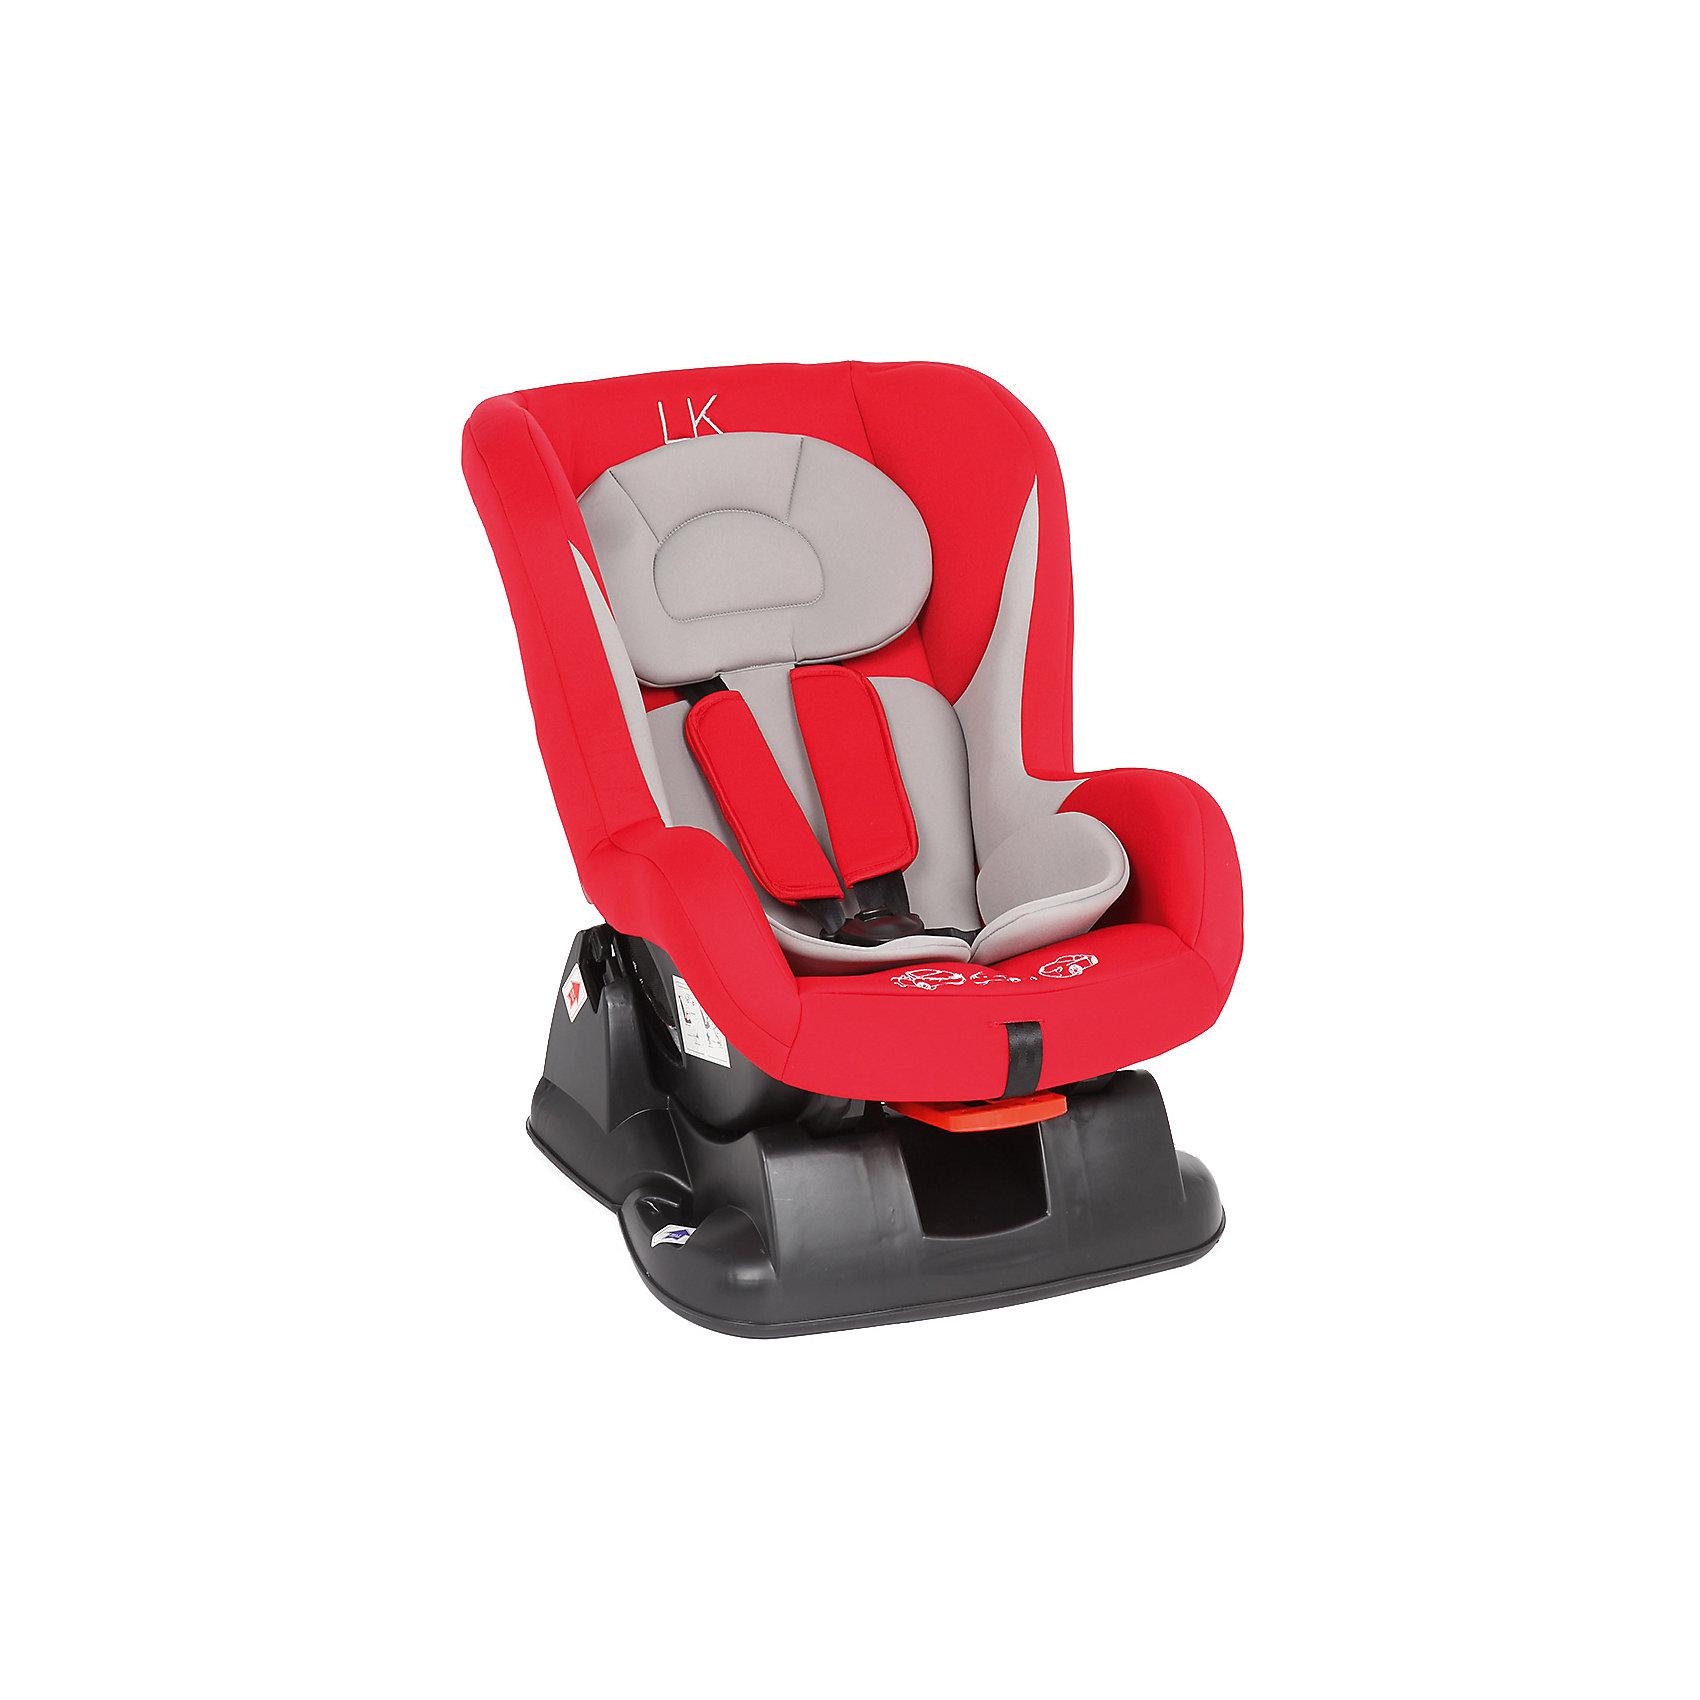 купить Leader kids Автокресло RALLY 0-18 кг., Leader kids, красный/серый дешево